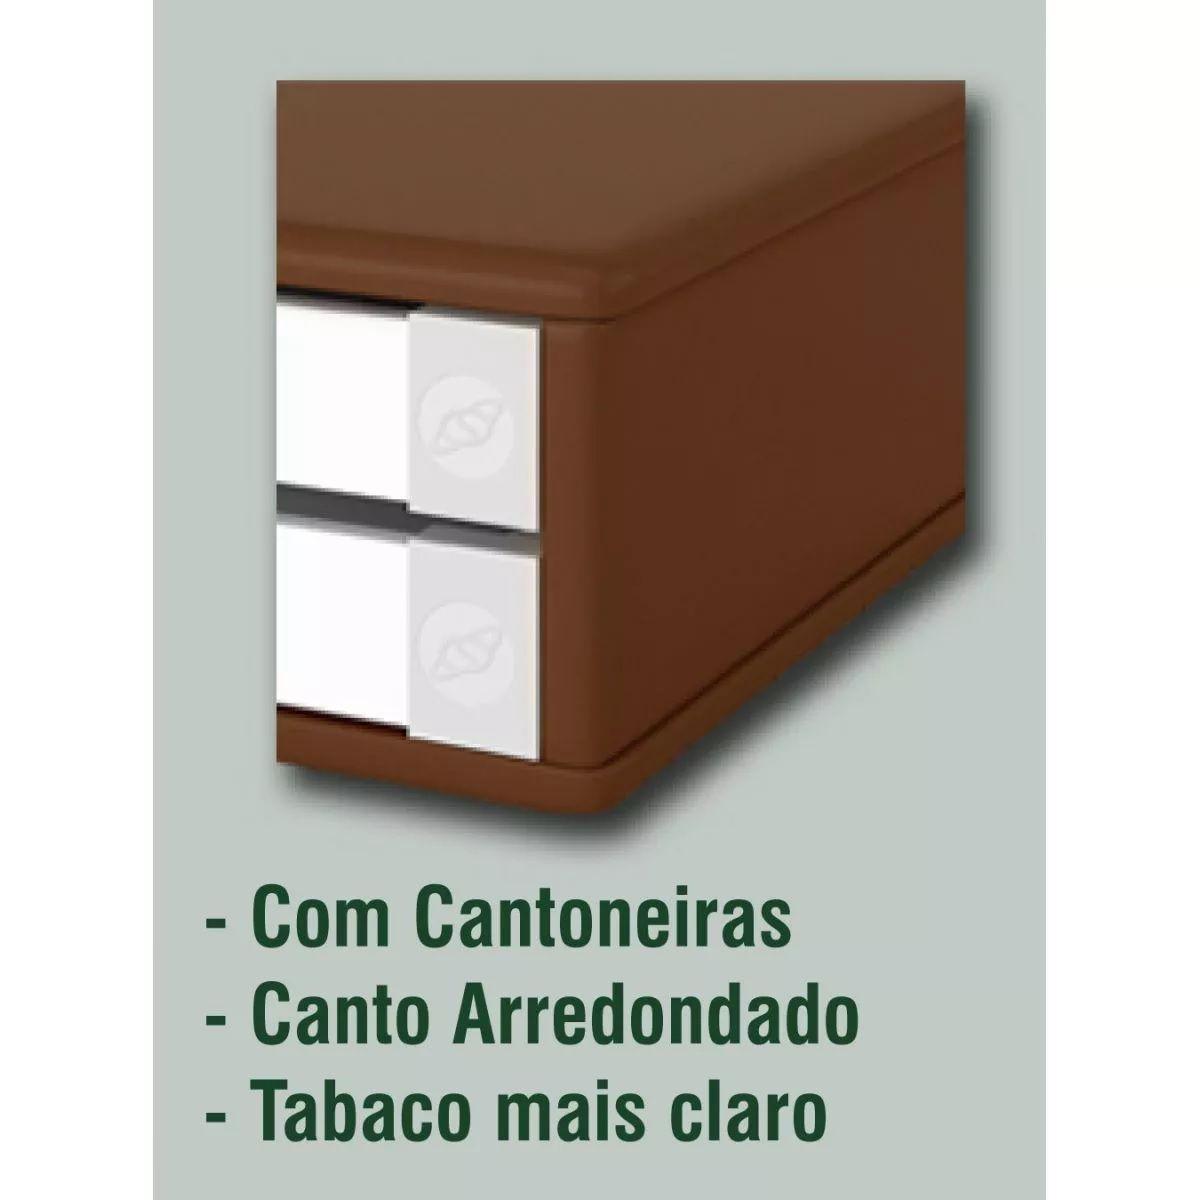 Conj com Suportes Para Monitor em MDF Black Piano 2 e 3 Gavetas Black Piano - Souza Souza Referência 3346 e 3347